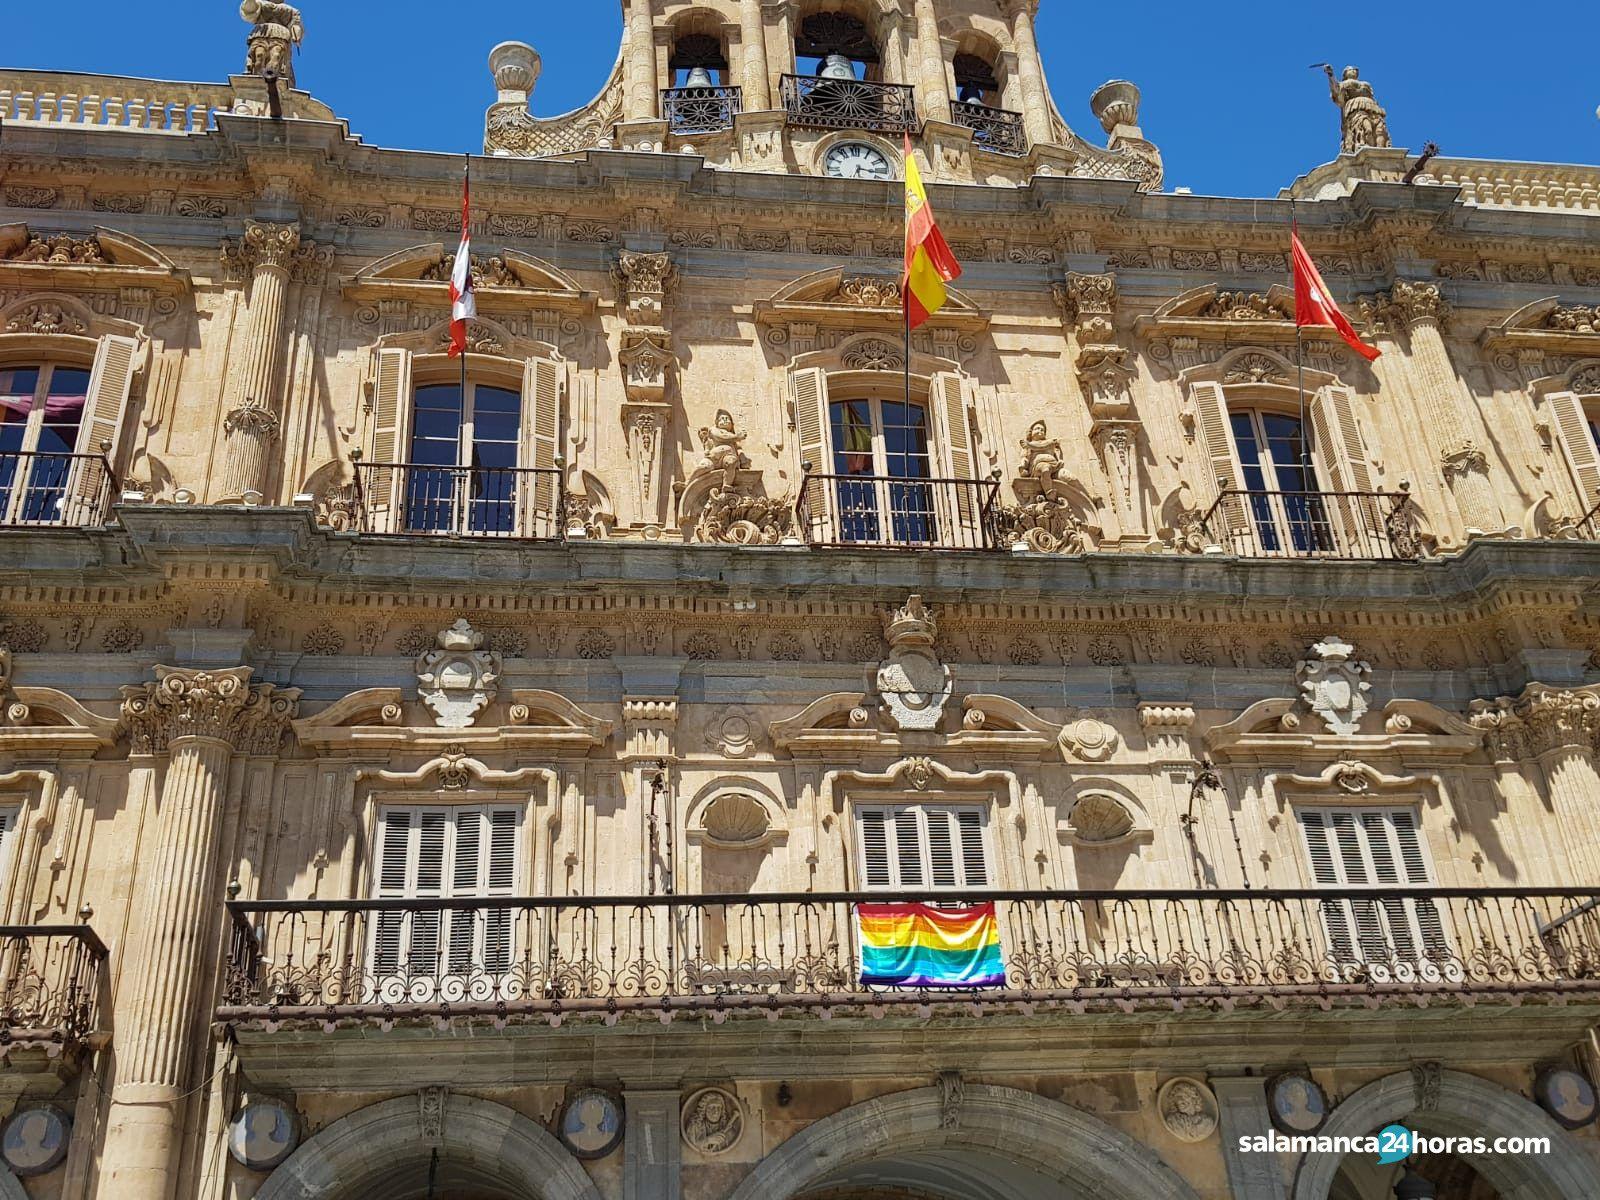 Bandera lgtb en el ayuntamiento de salamanca